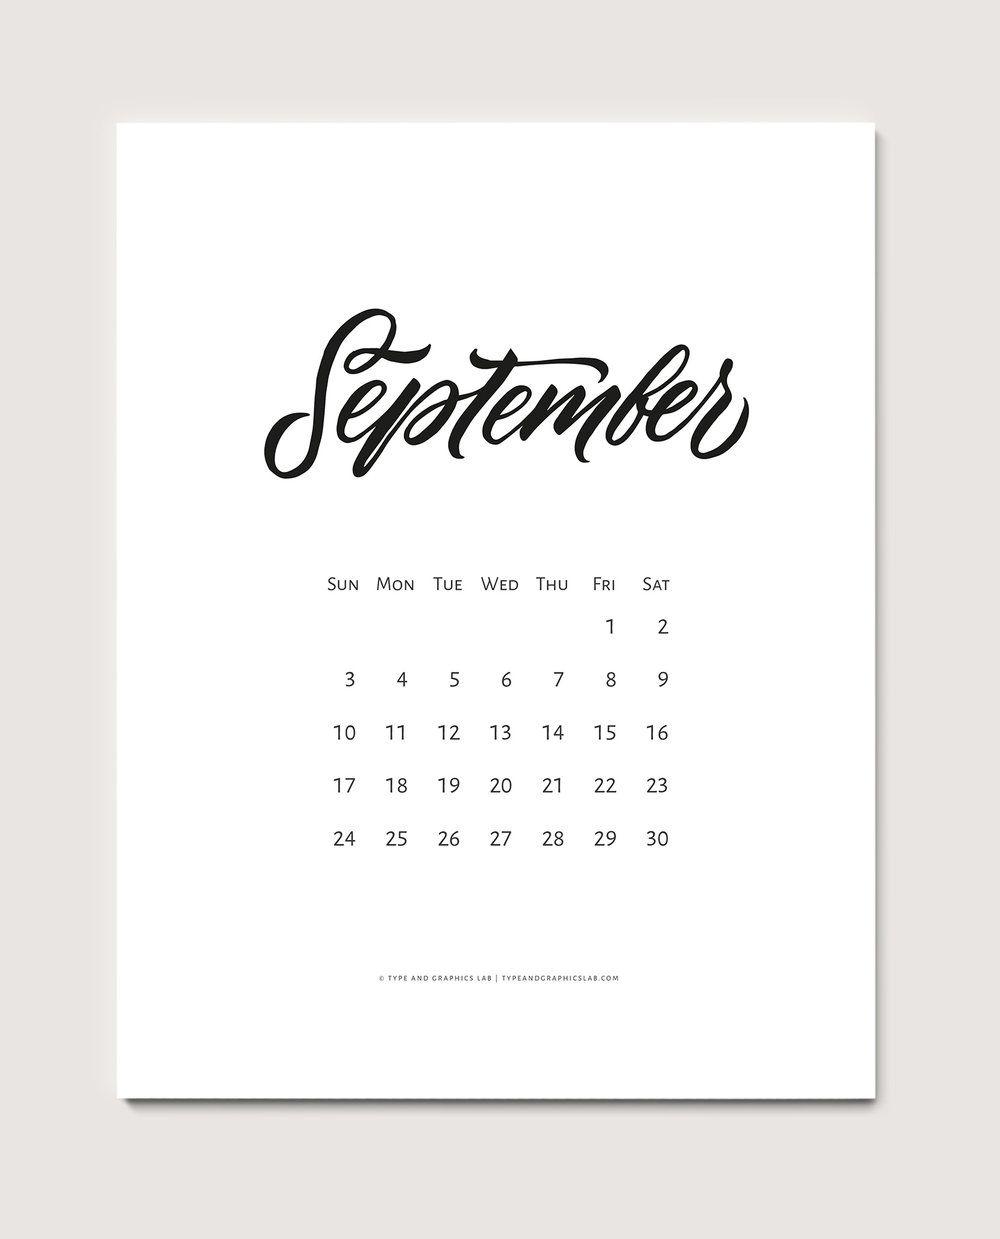 Kalender 2017 September : kalender, september, Calendar:, September, Graphics, Lettering,, Typography, Letters,, Lettering, Design